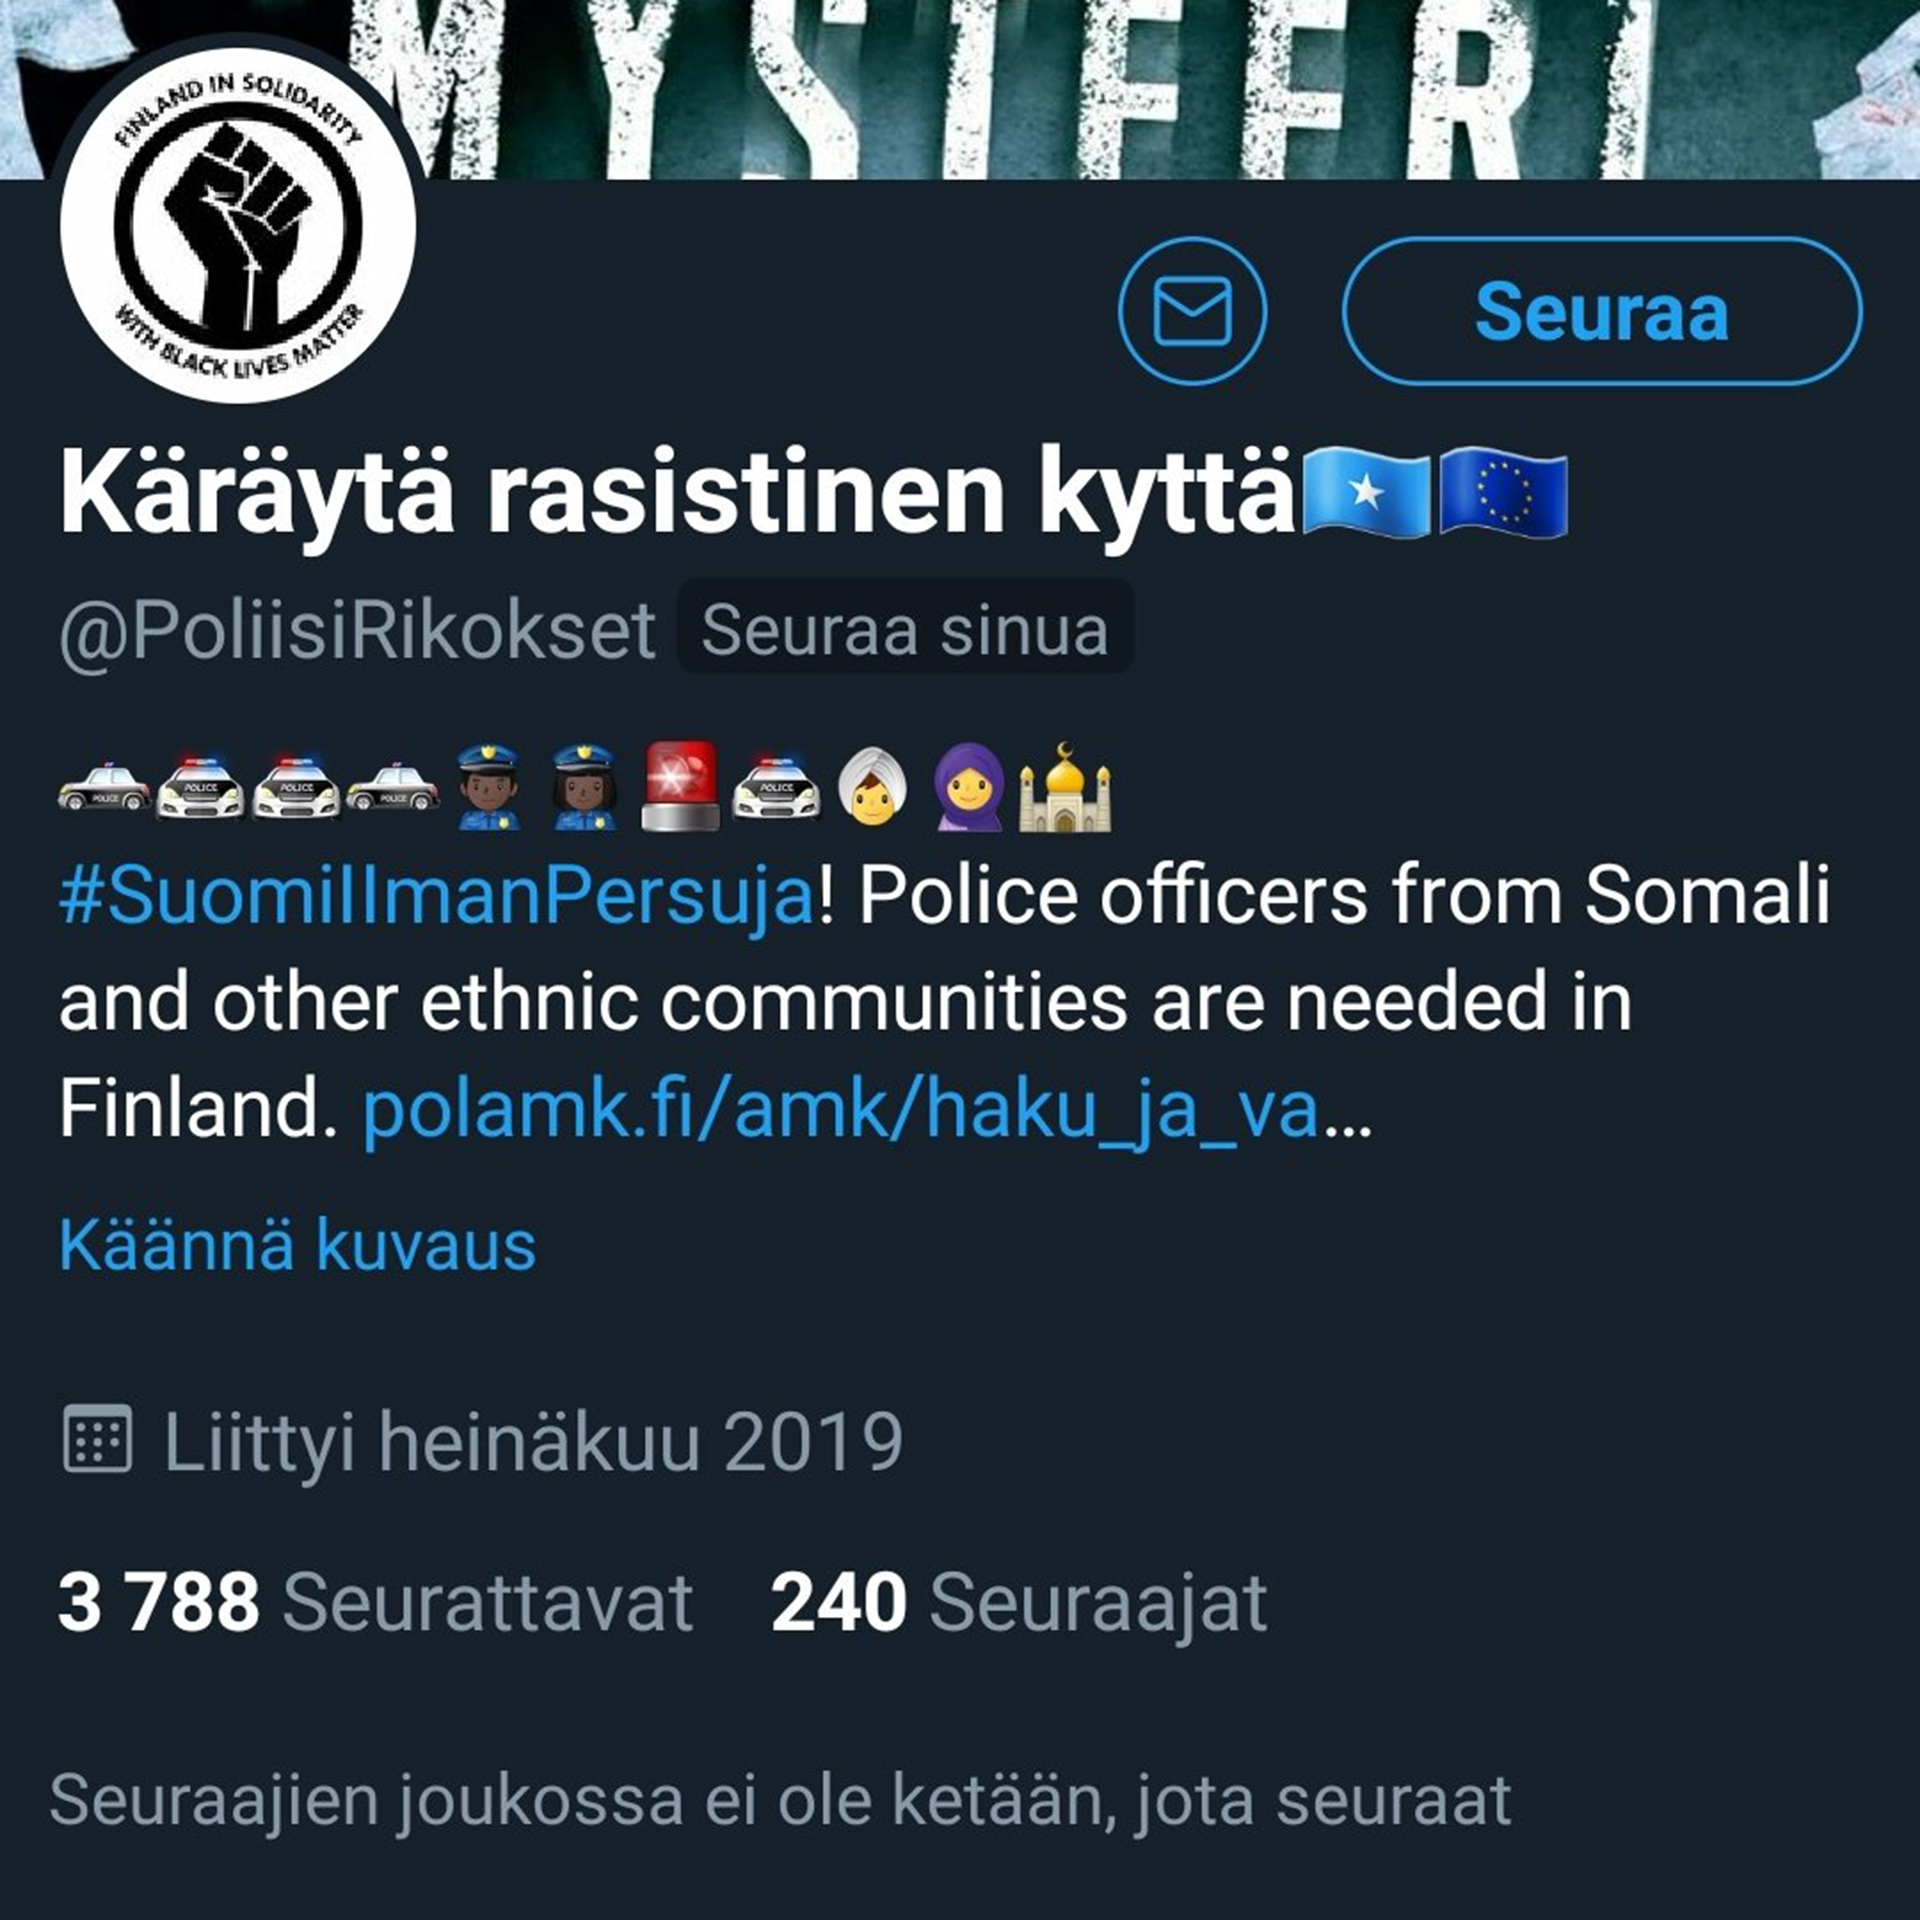 Poliisirikokset